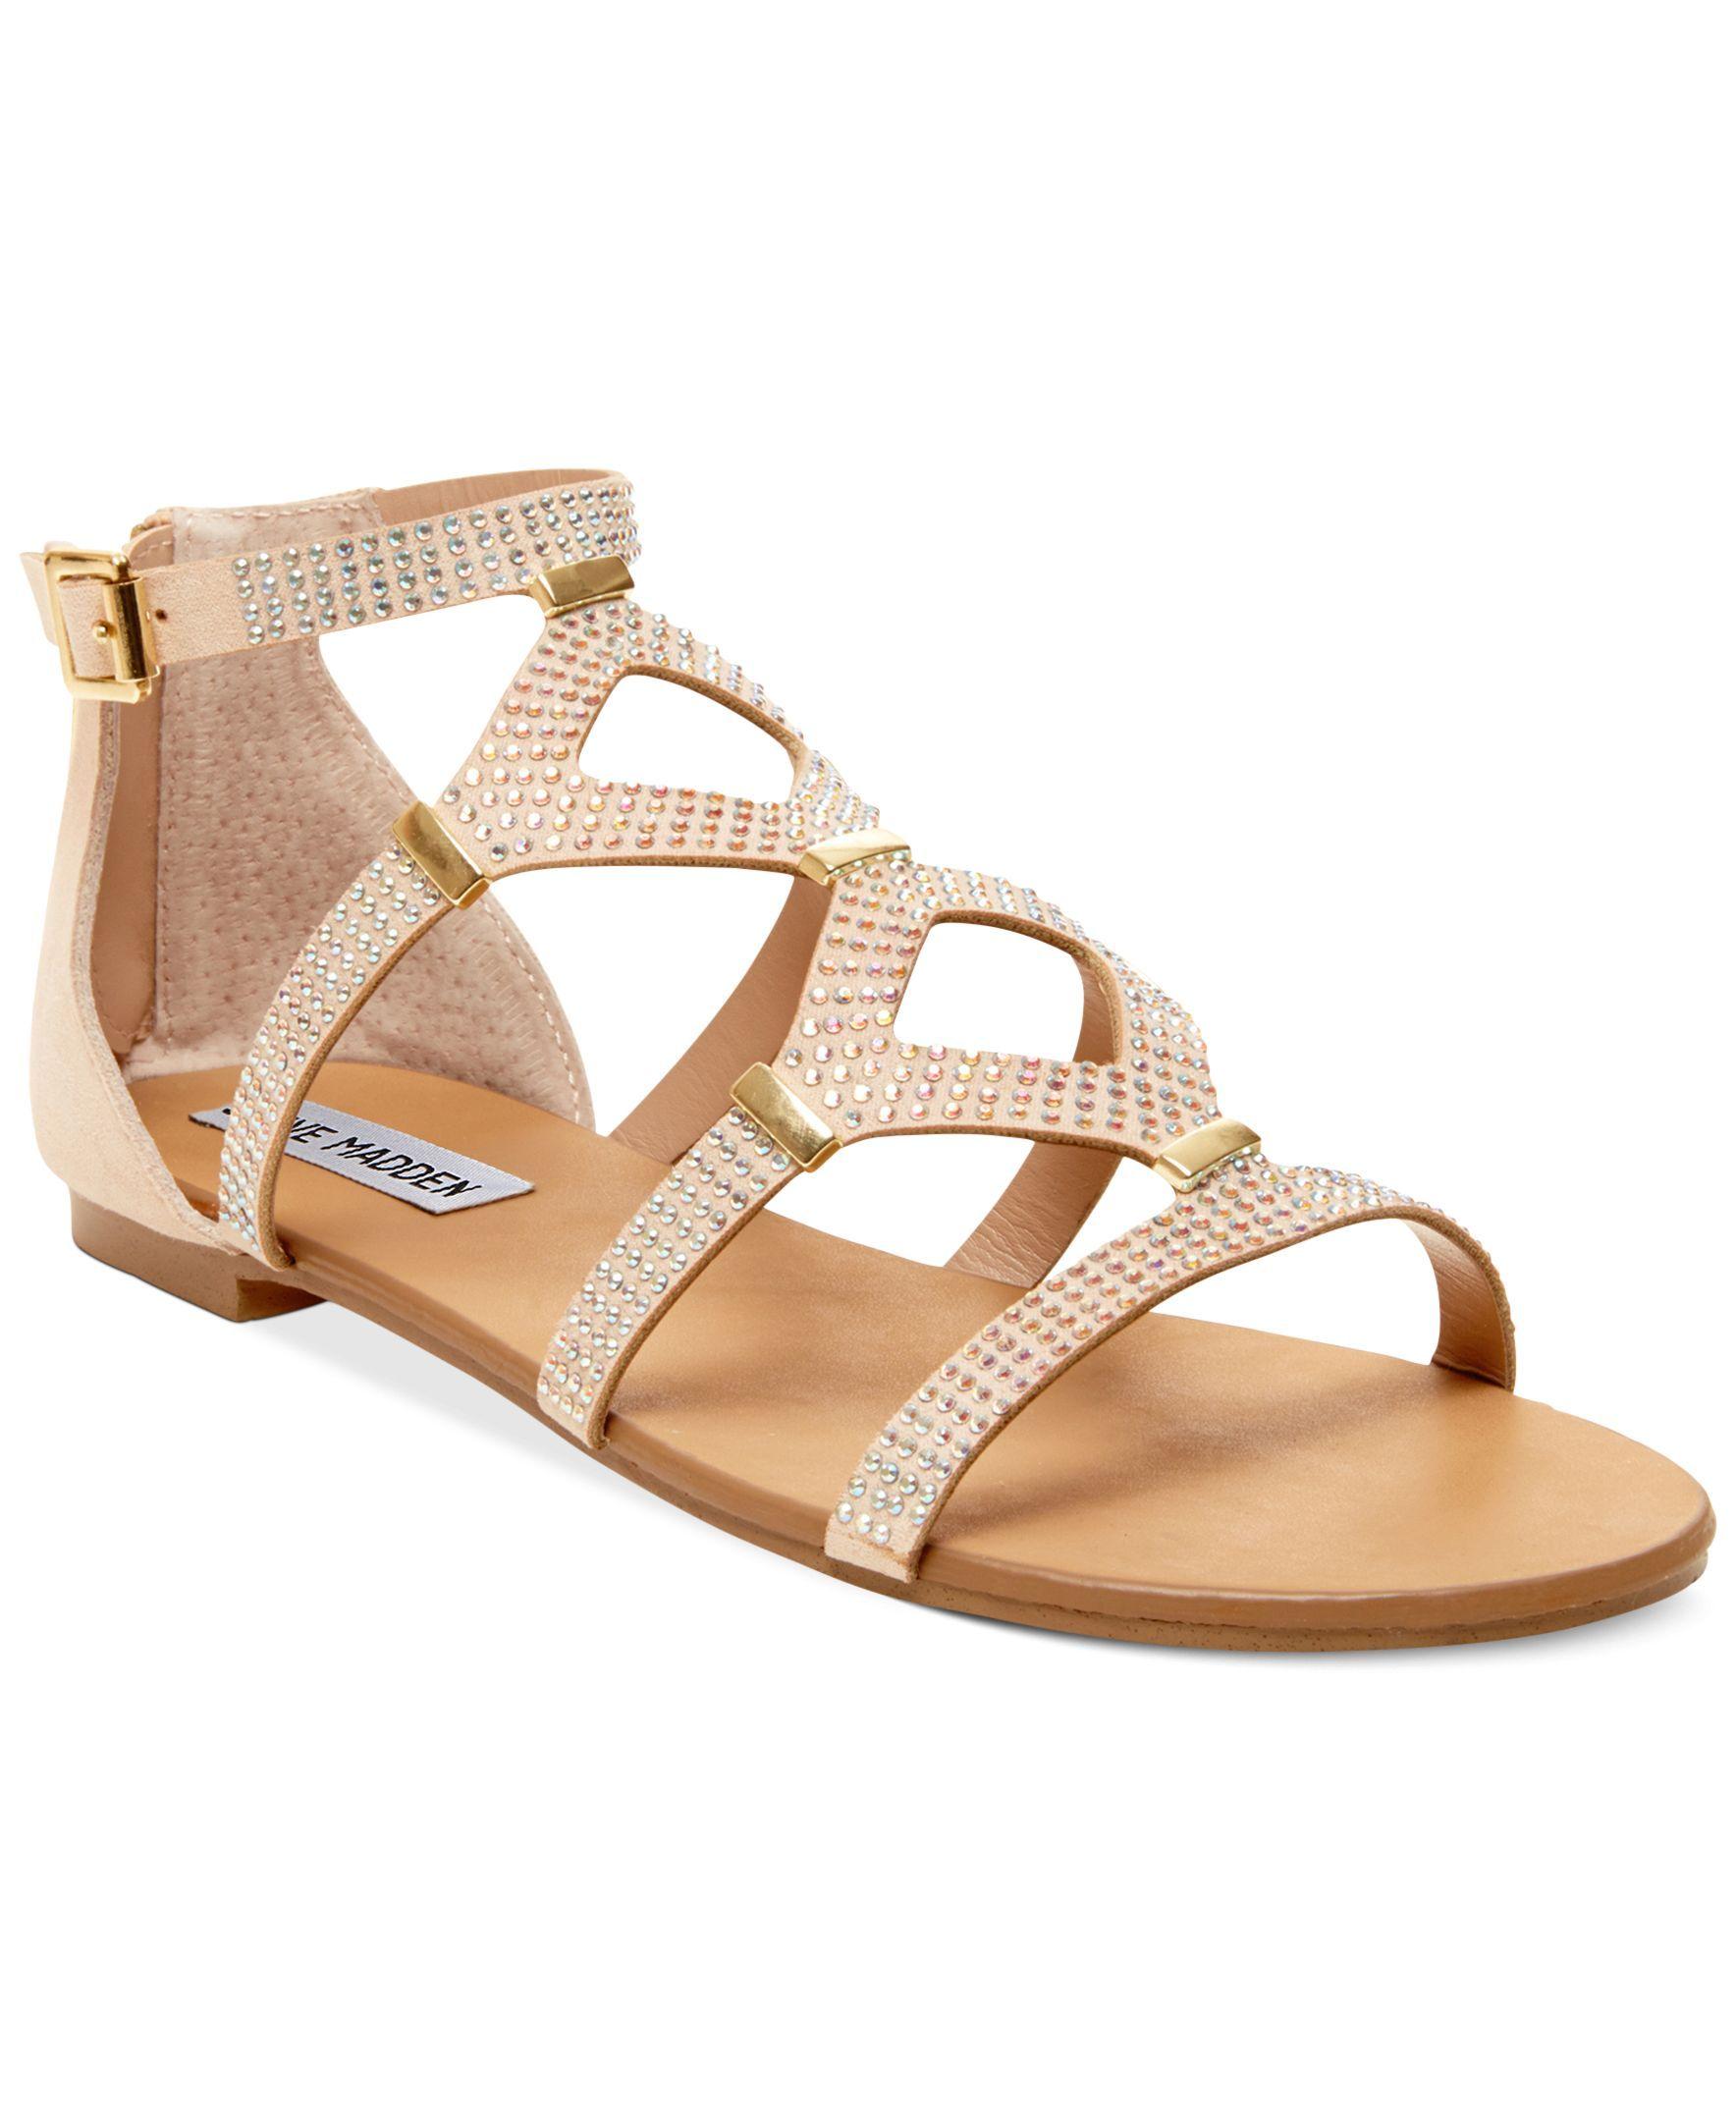 Steve Madden Women's Castel Embellished Flat Sandals